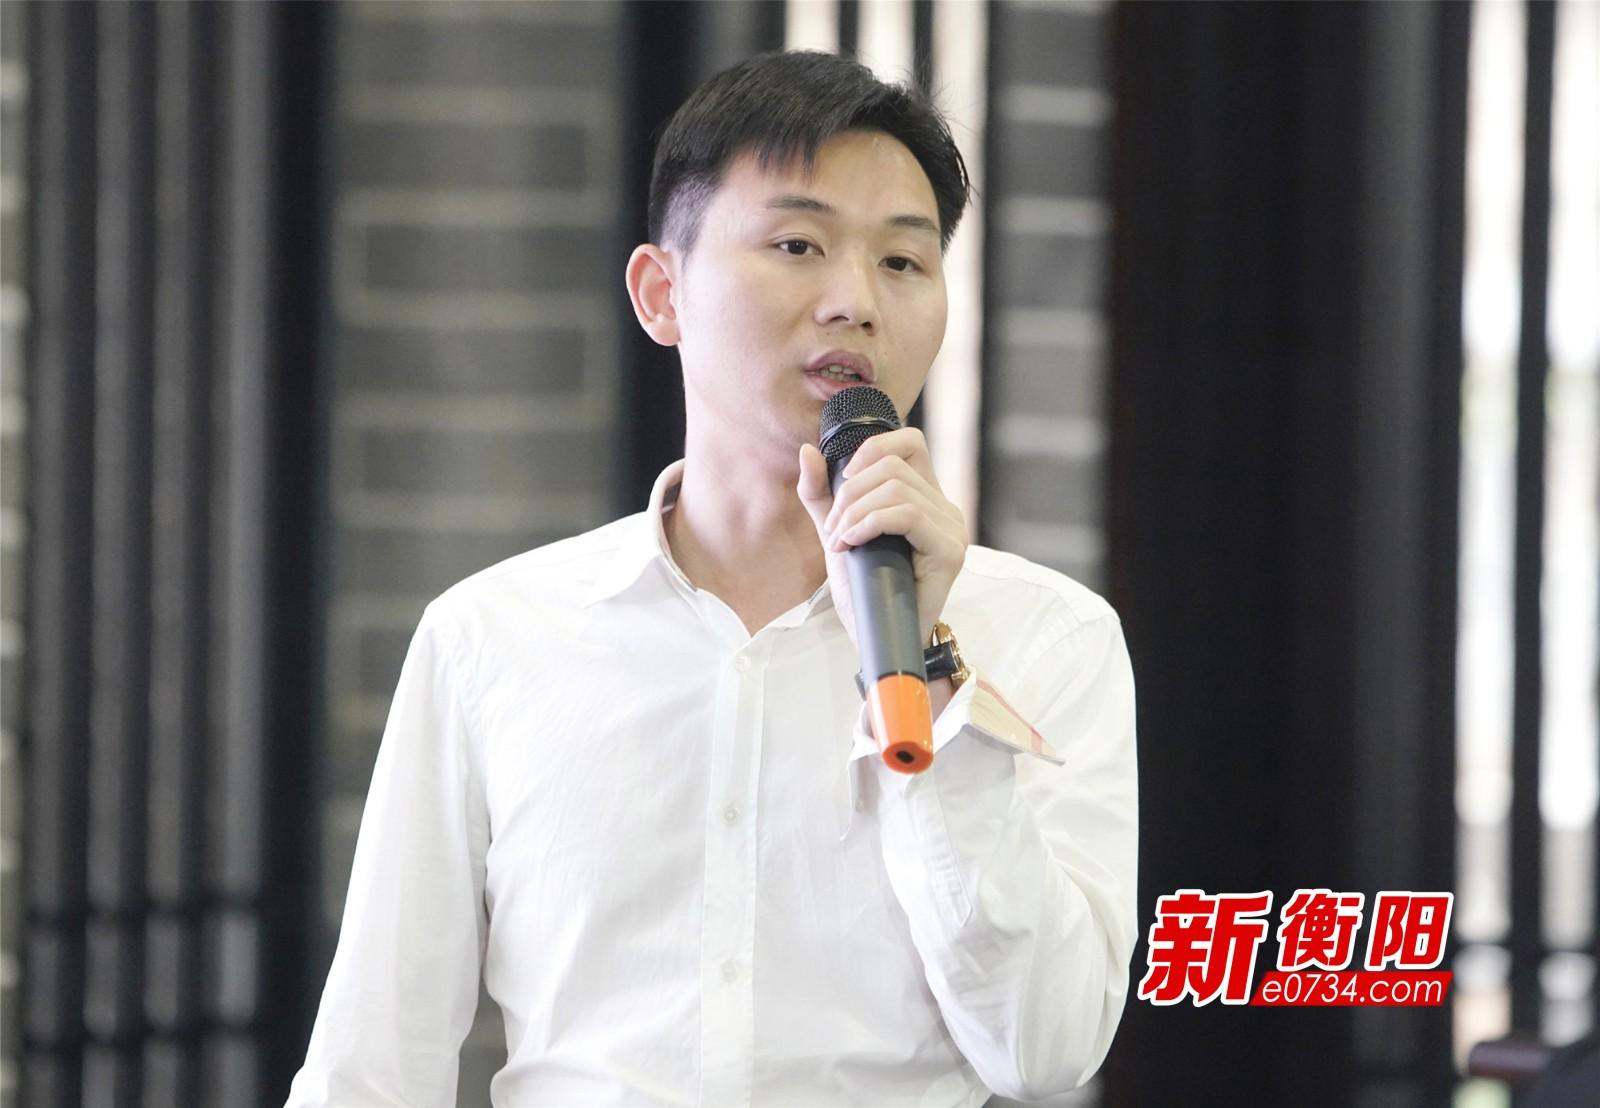 2.湖南美蓓达科技股份有限公司董事长赵青华 .jpg